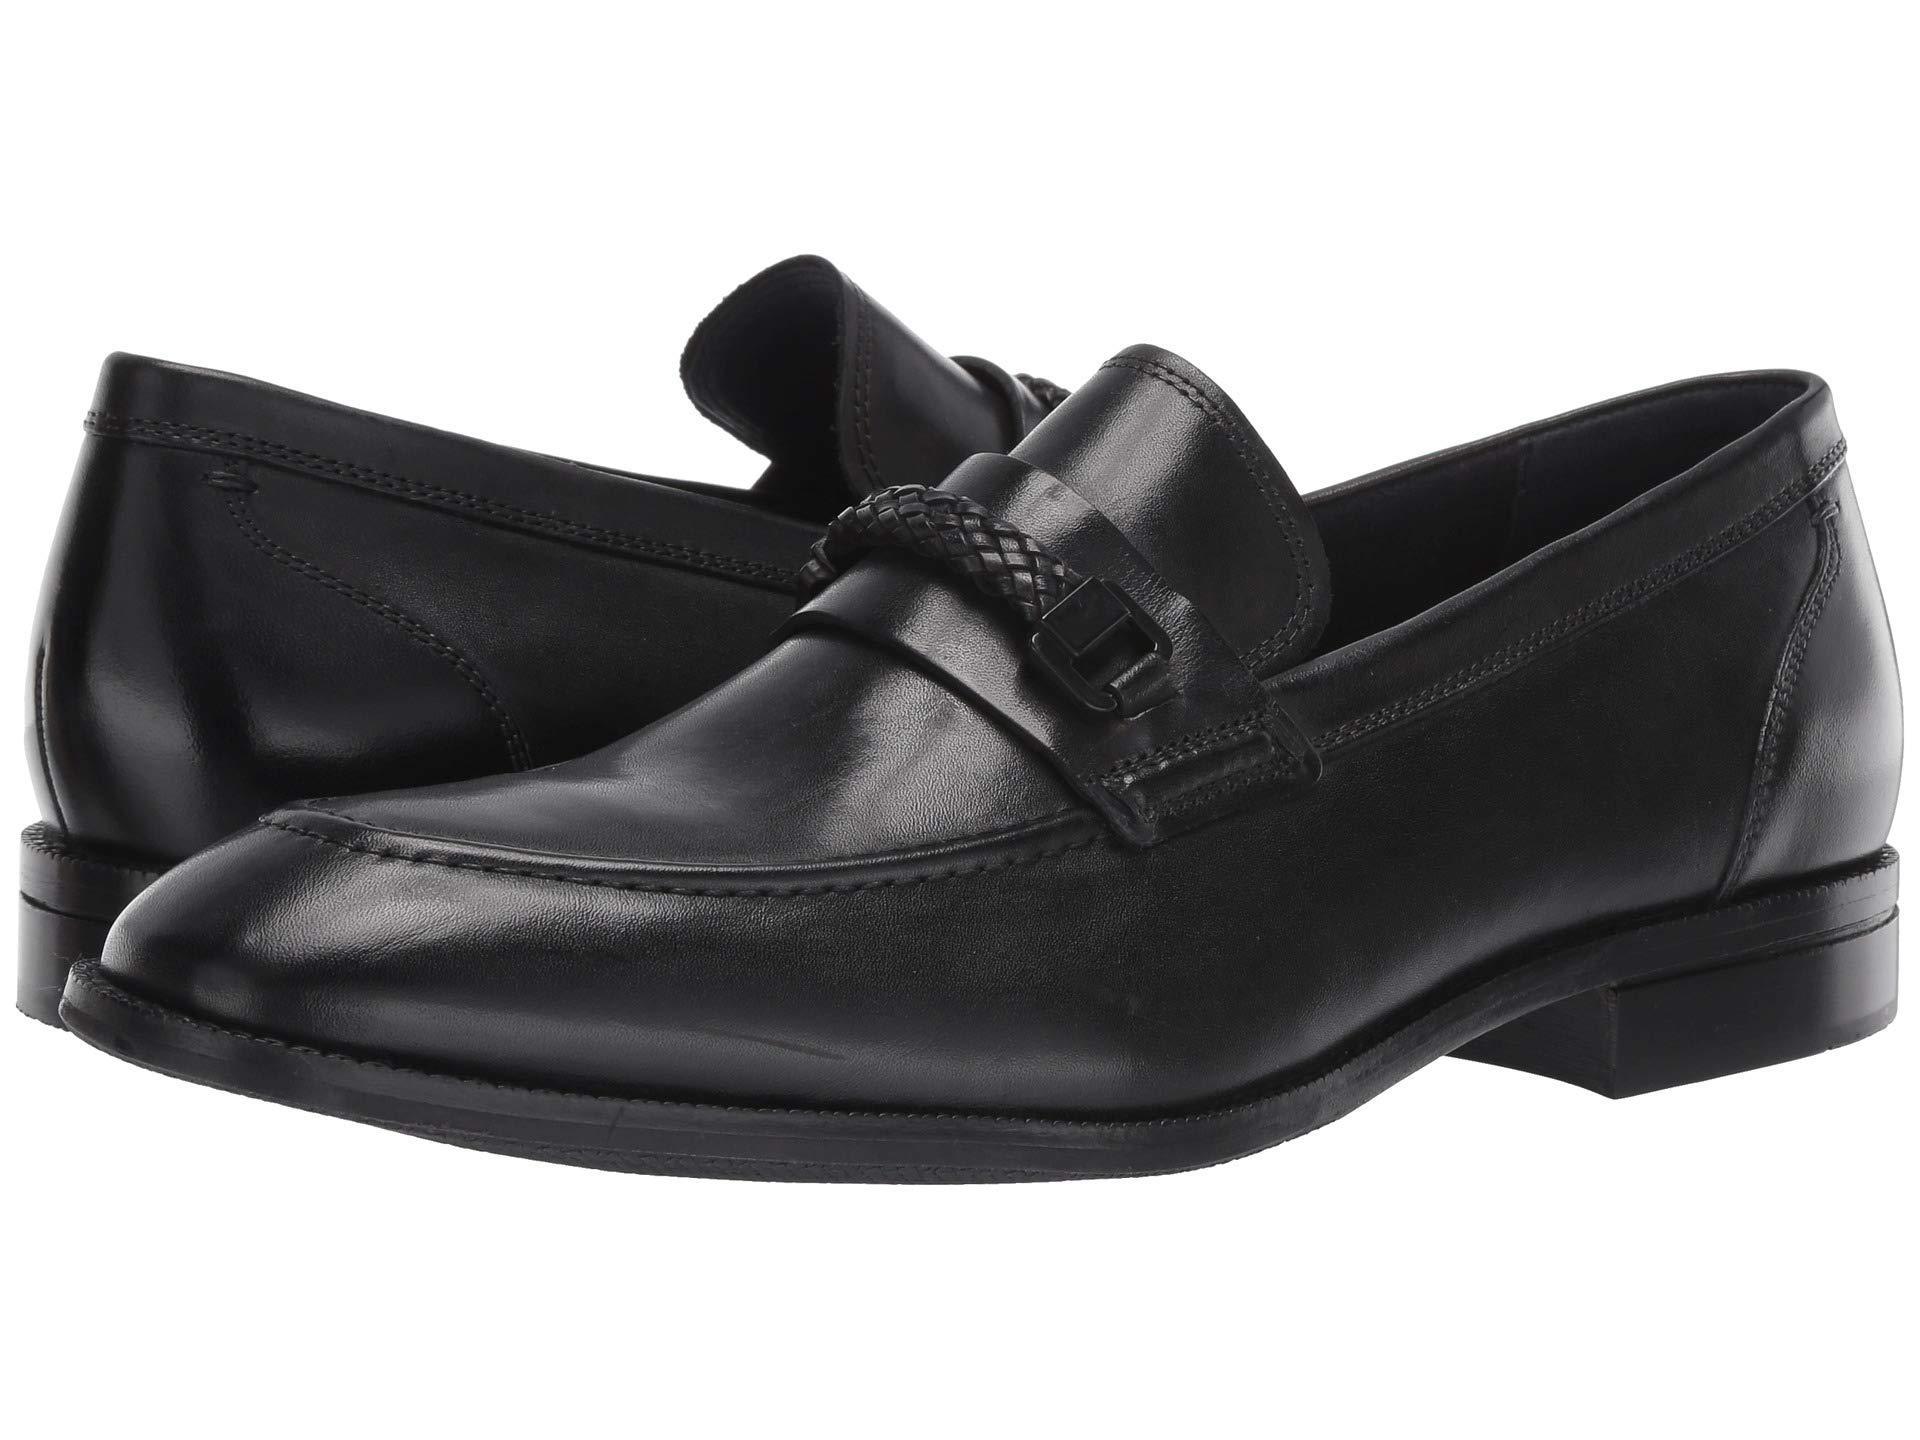 9eb090d6b58 Lyst - Cole Haan Warner Grand Bit Loafer in Black for Men